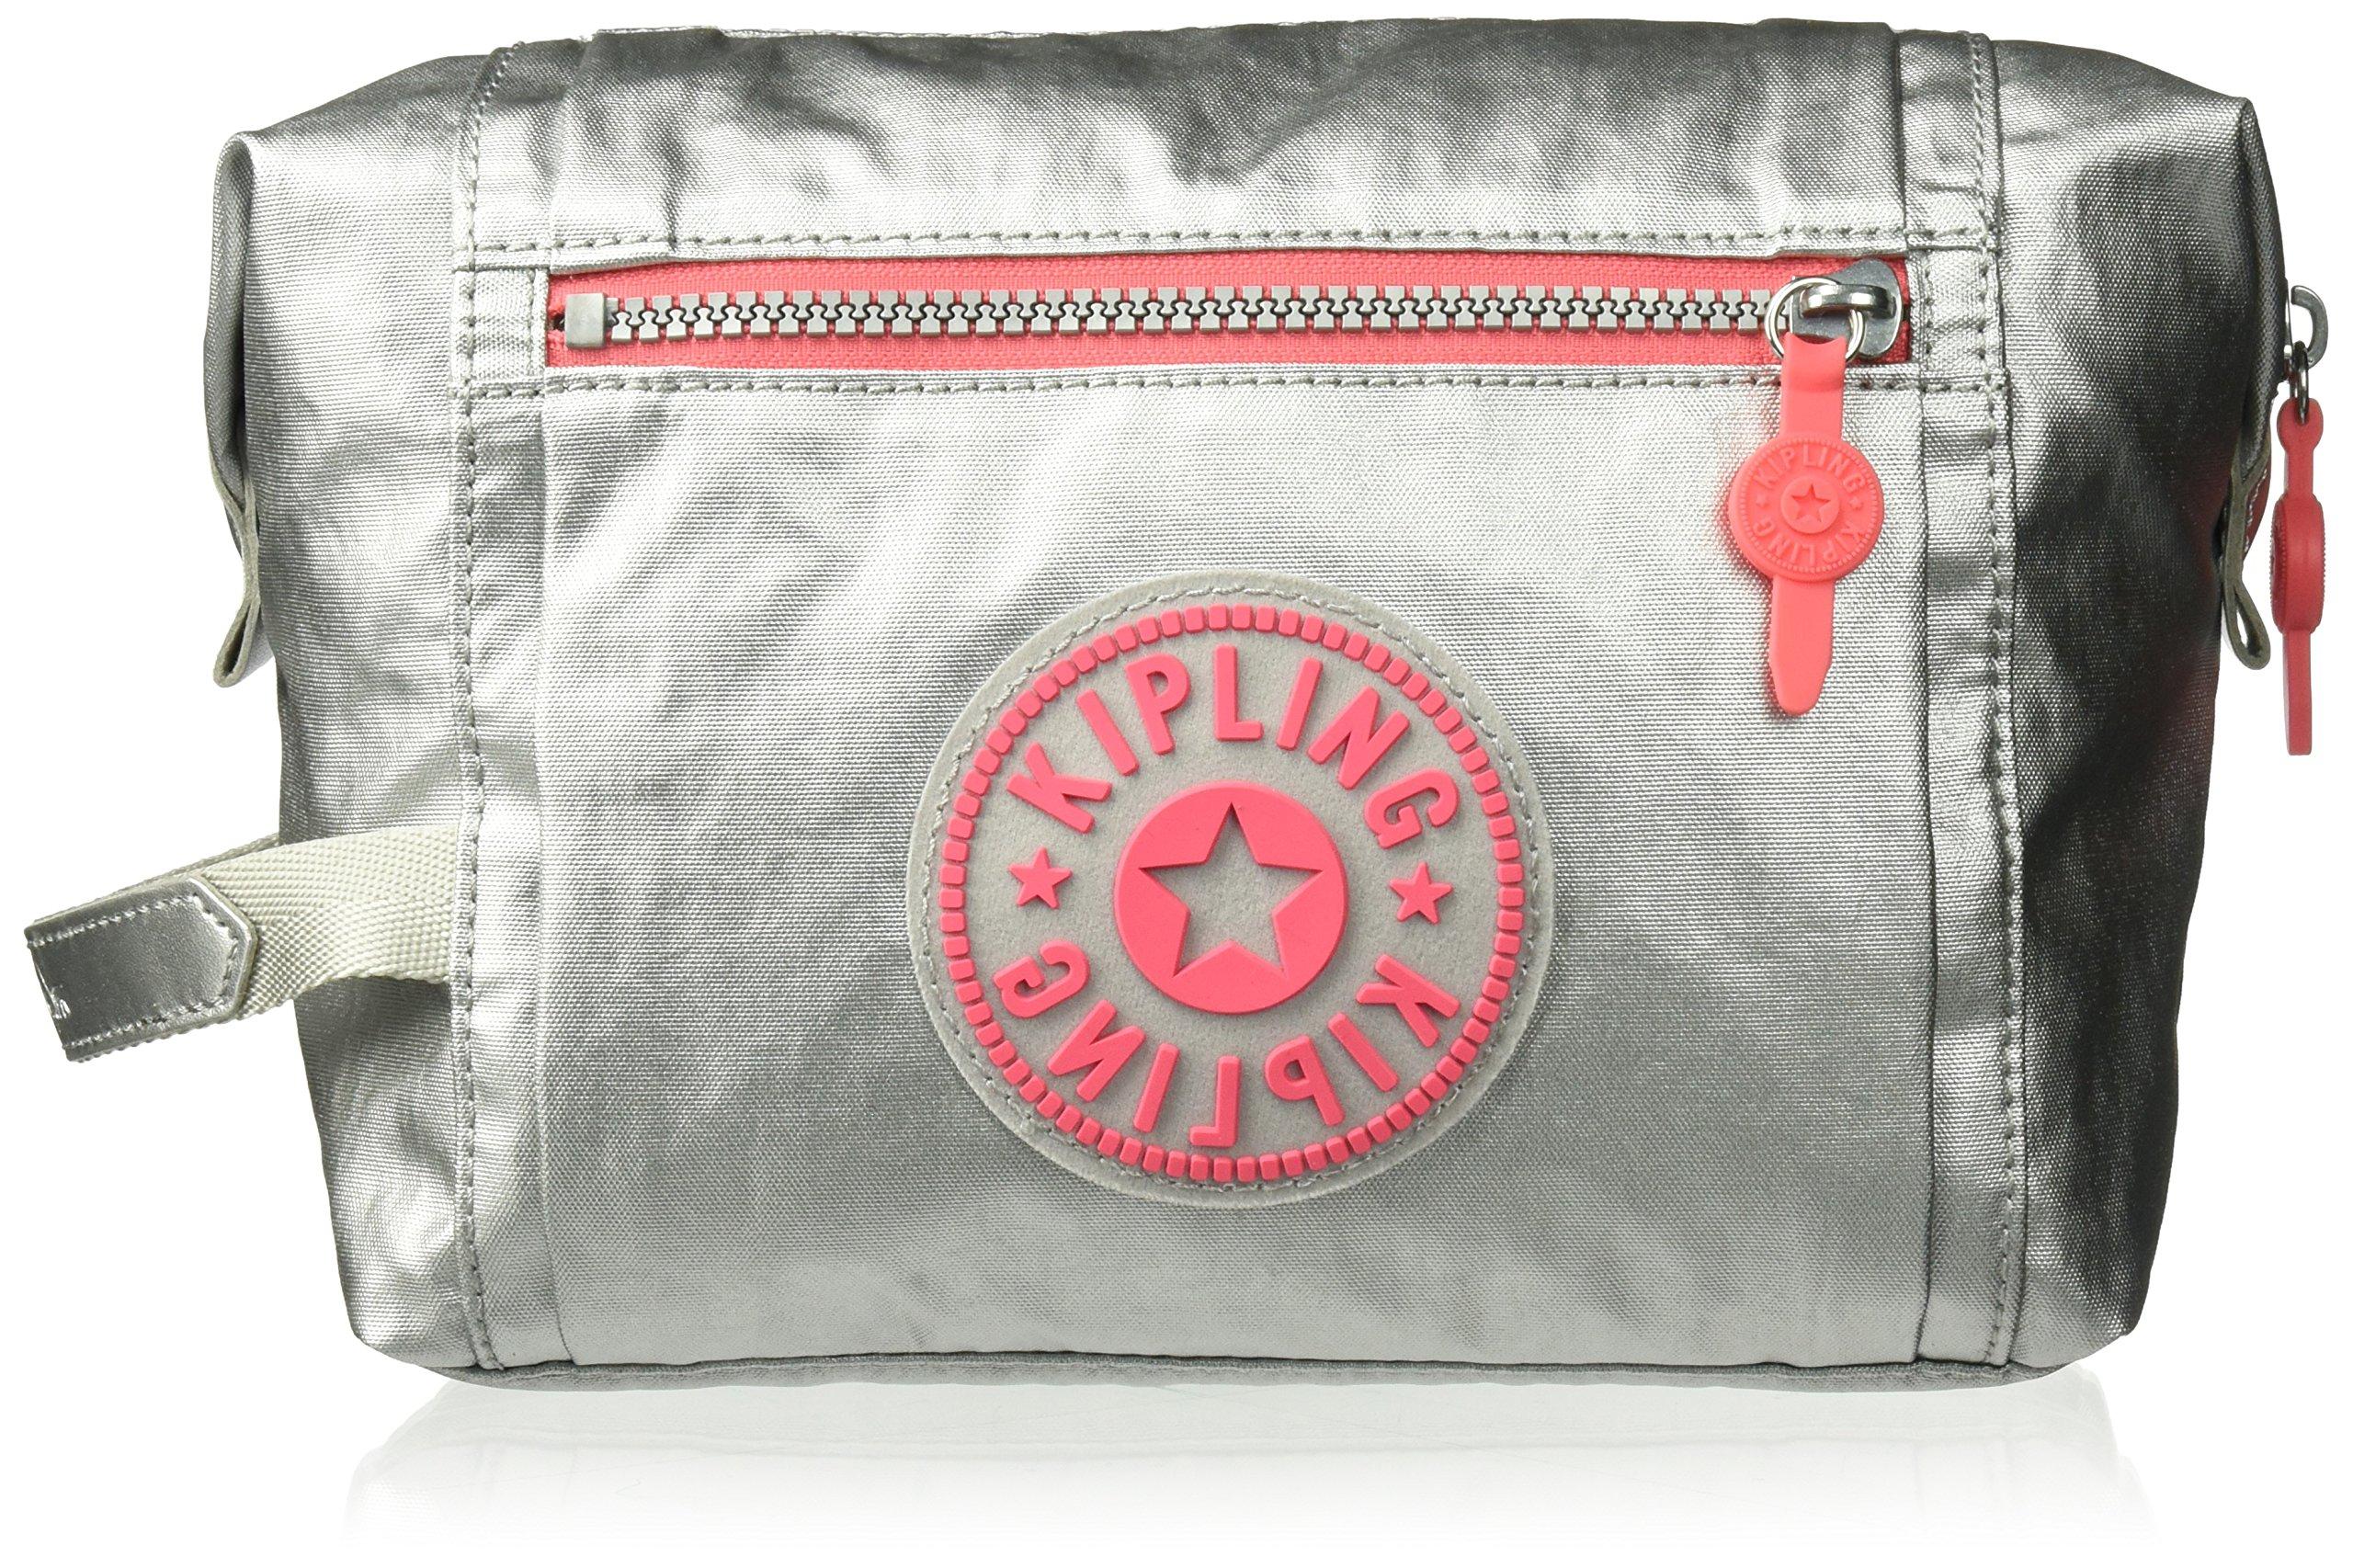 Kipling Leslie Platinum Metallic Cosmetic Bag, Platinum m